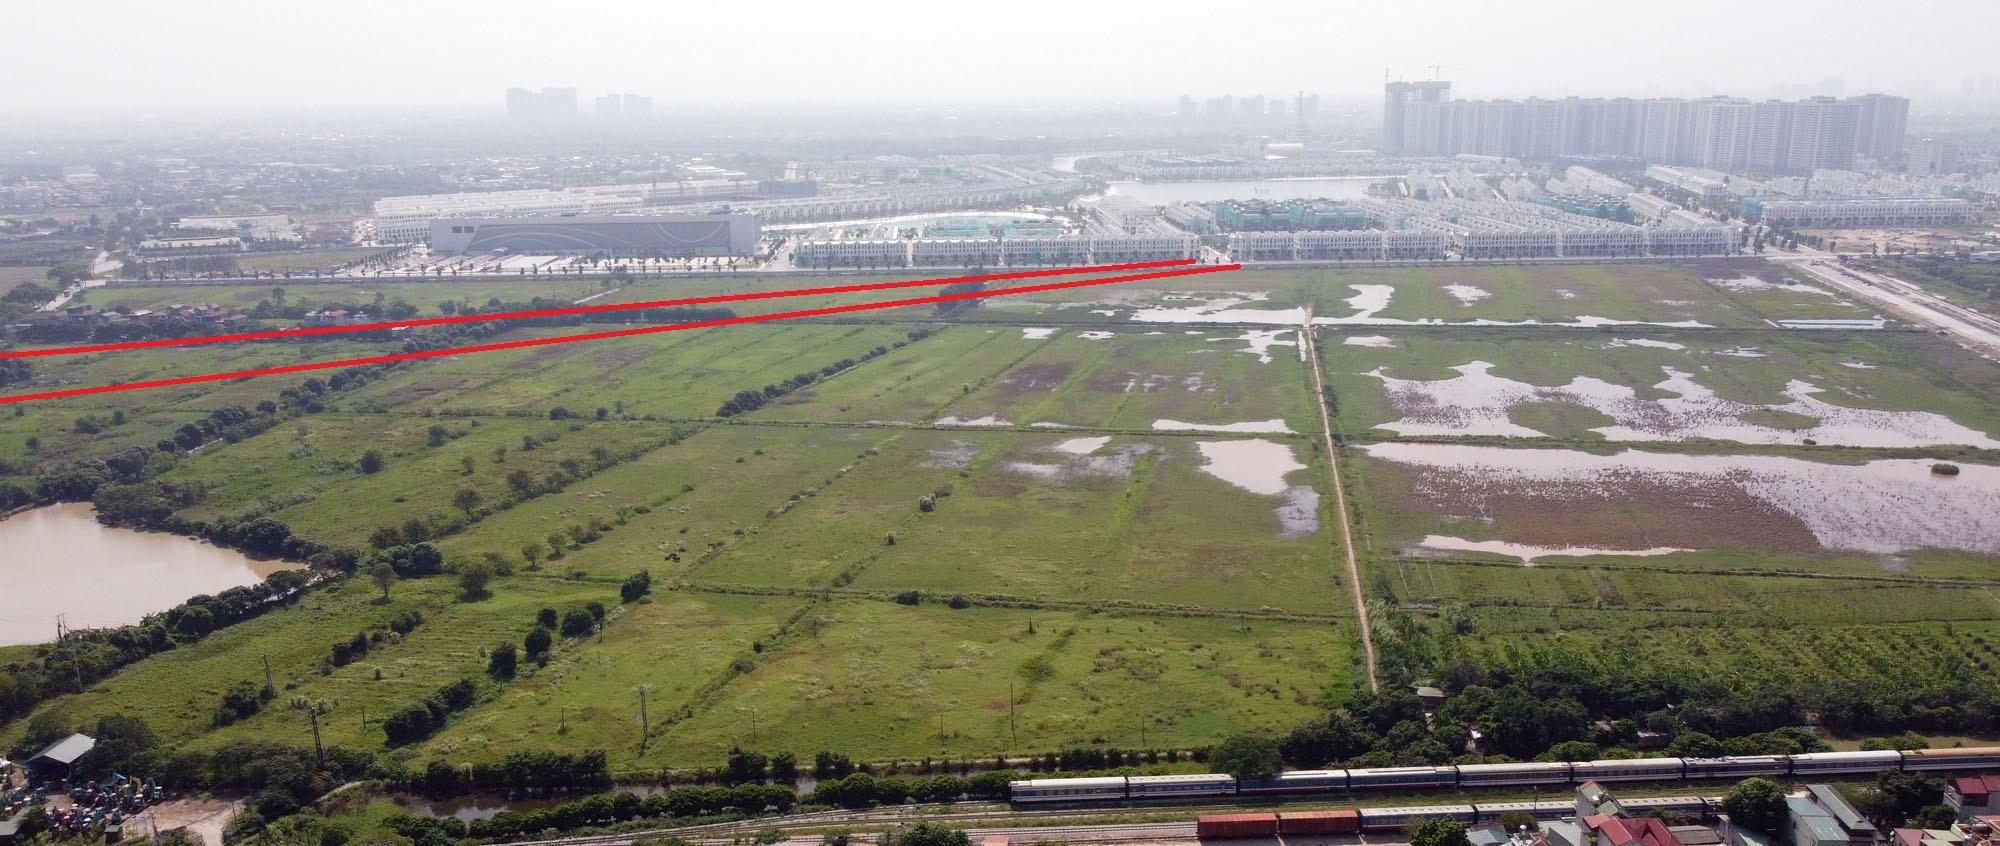 4 đường sẽ mở theo qui hoạch ở xã Dương Xá, Gia Lâm, Hà Nội - Ảnh 9.